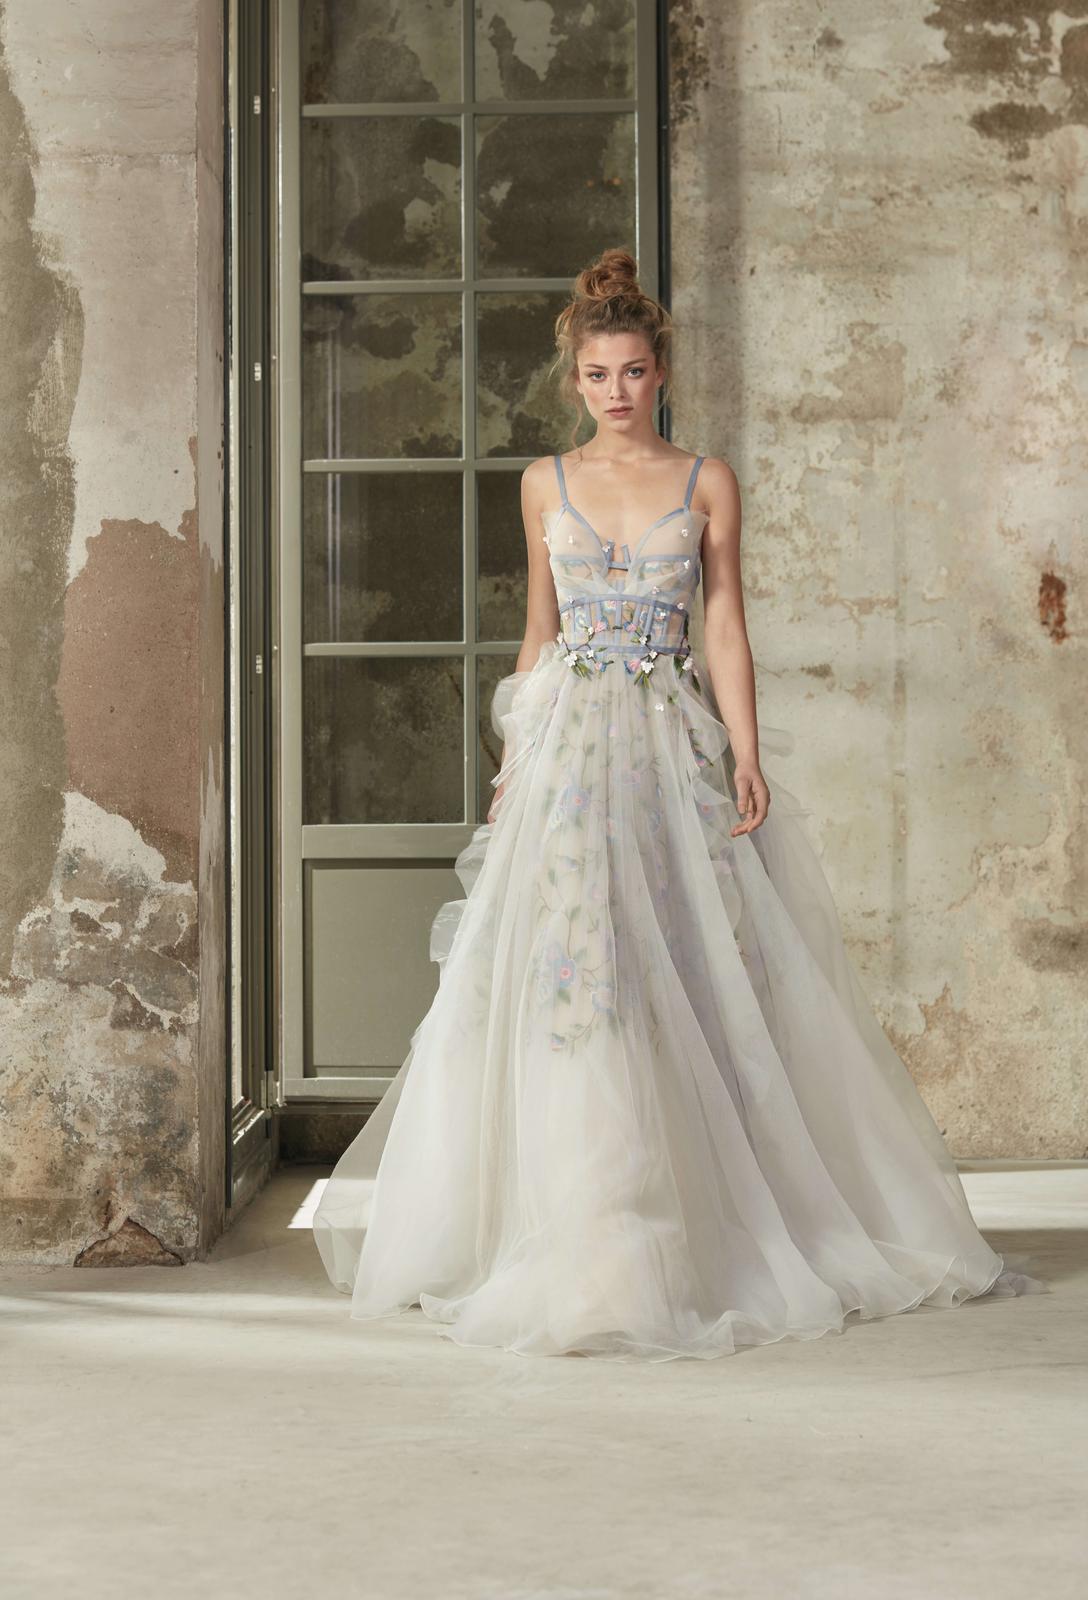 Ach tie šaty :) - Obrázek č. 40